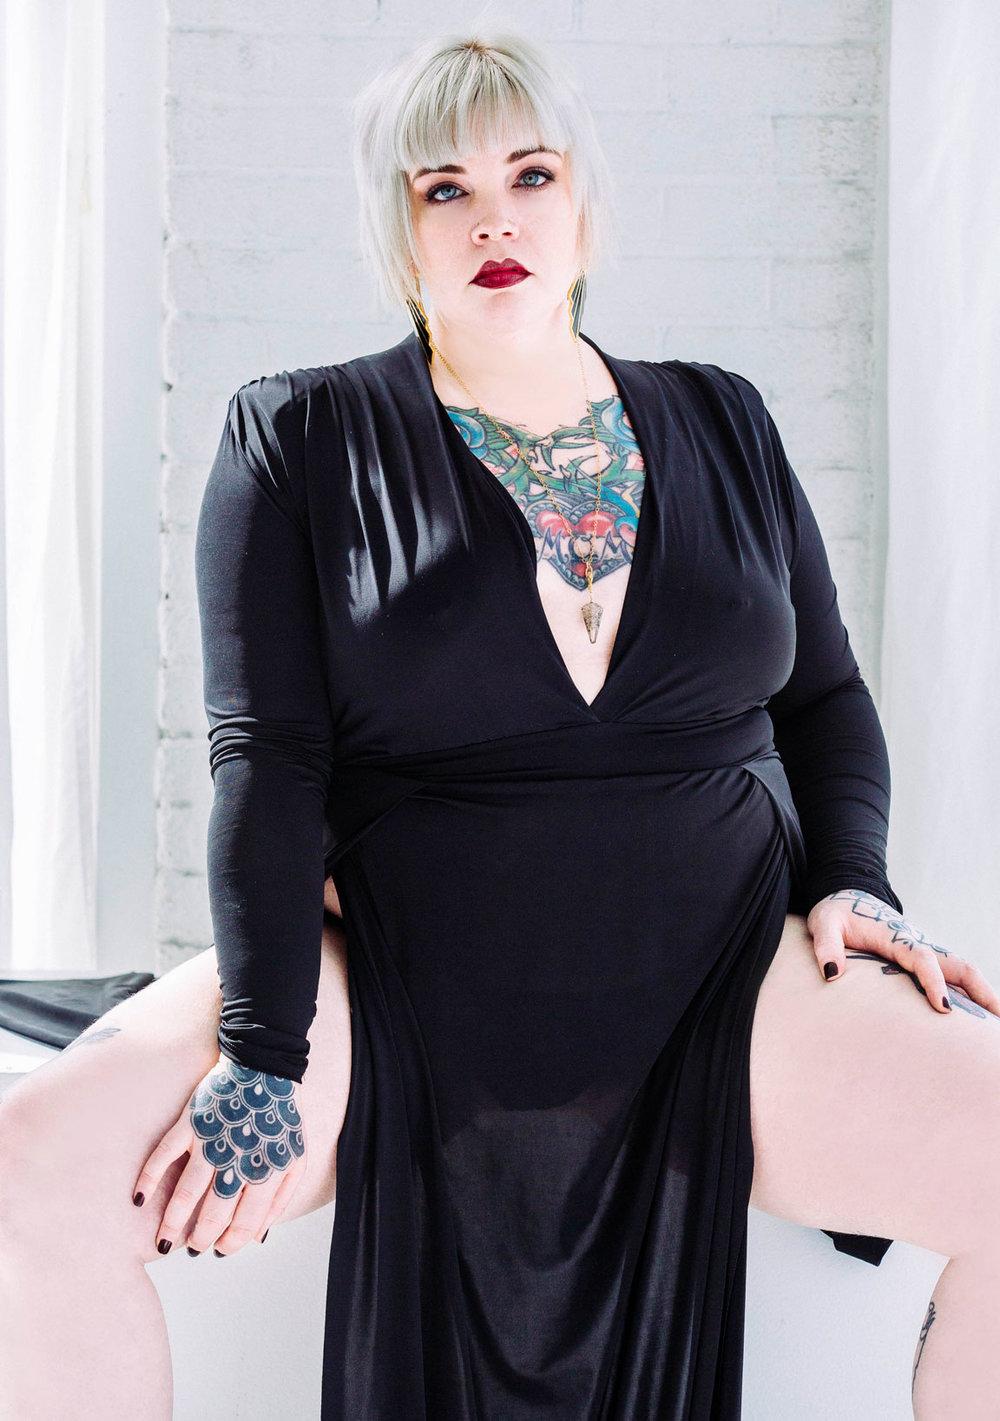 erin_black_dress1.jpg